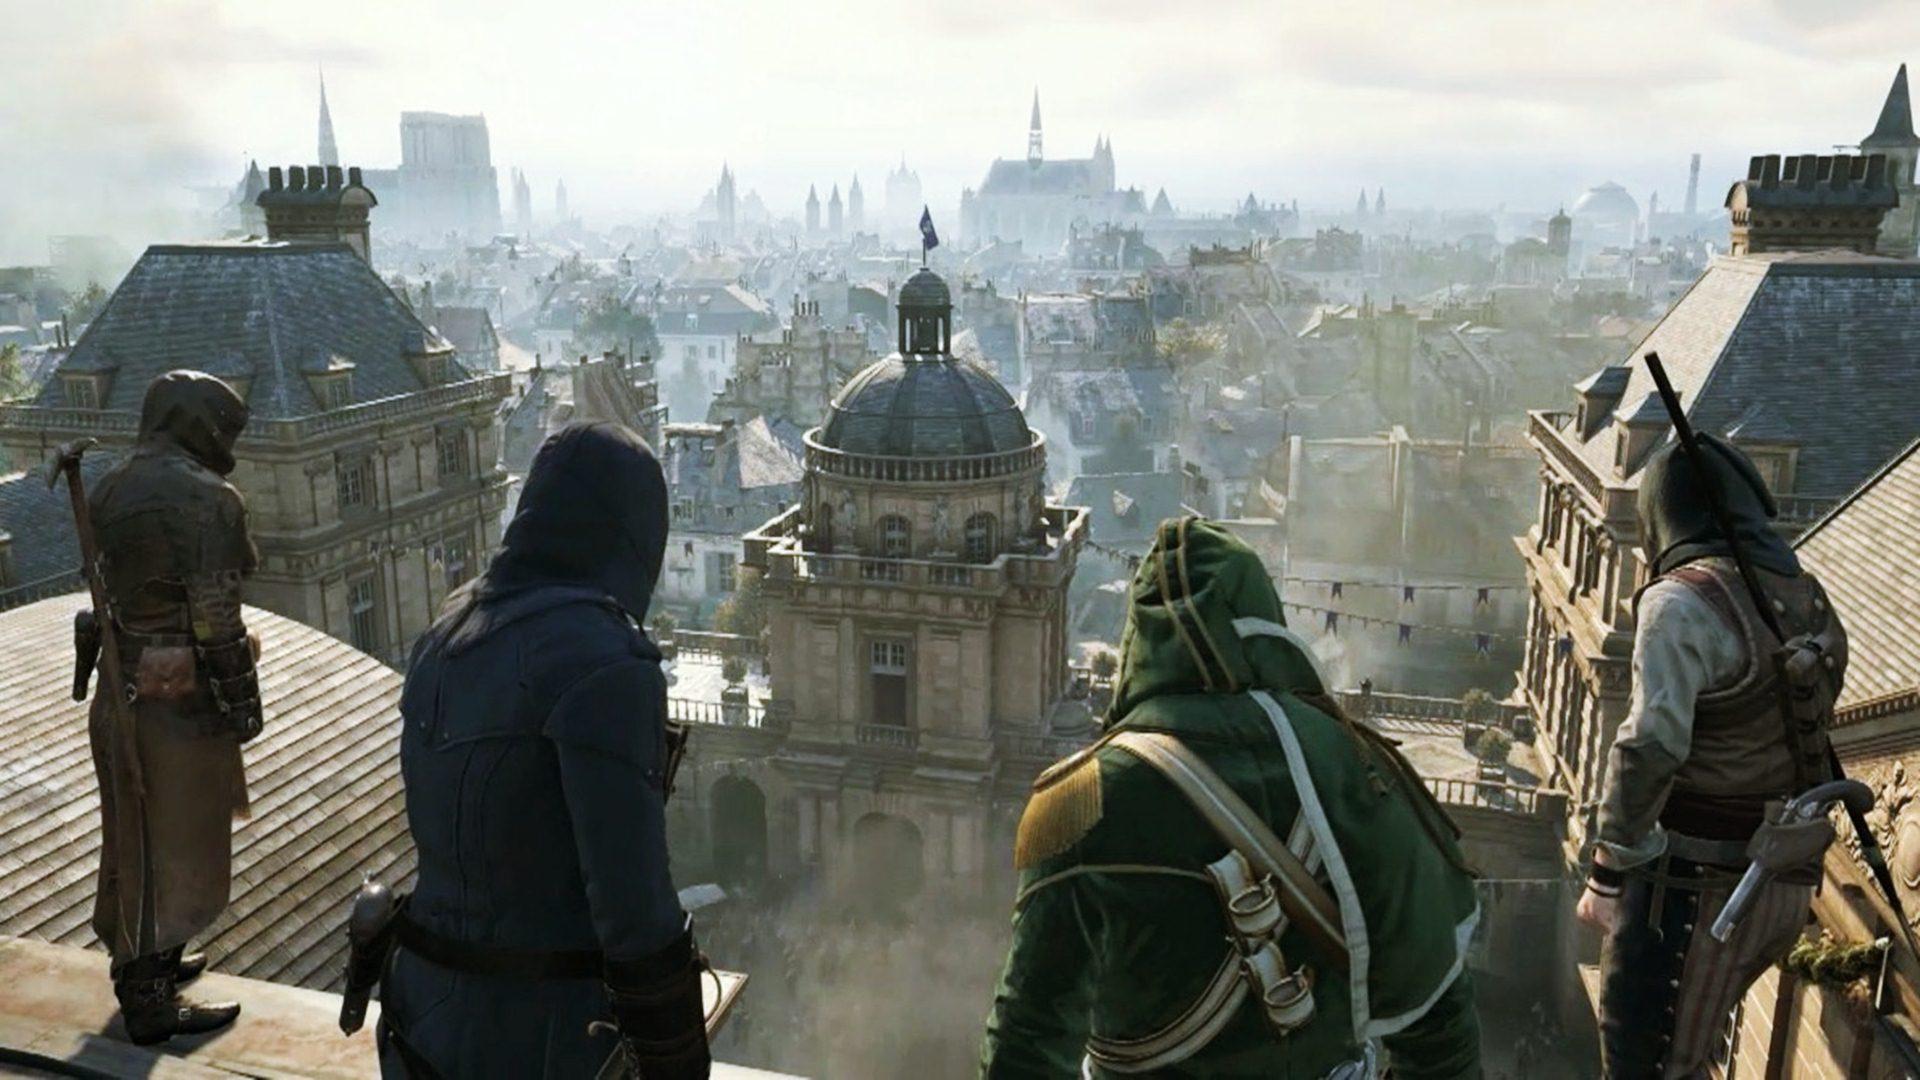 Assassins Creed Unity Wallpaper HD : Games Wallpaper Altilici